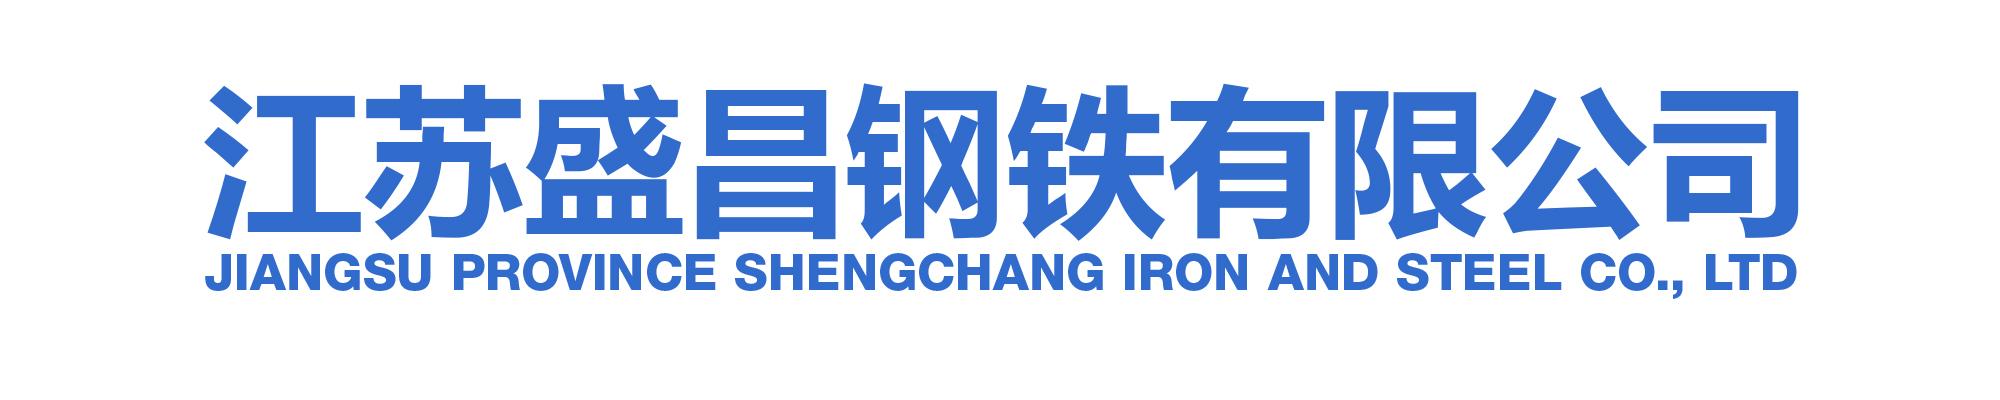 江苏盛昌钢铁有限公司